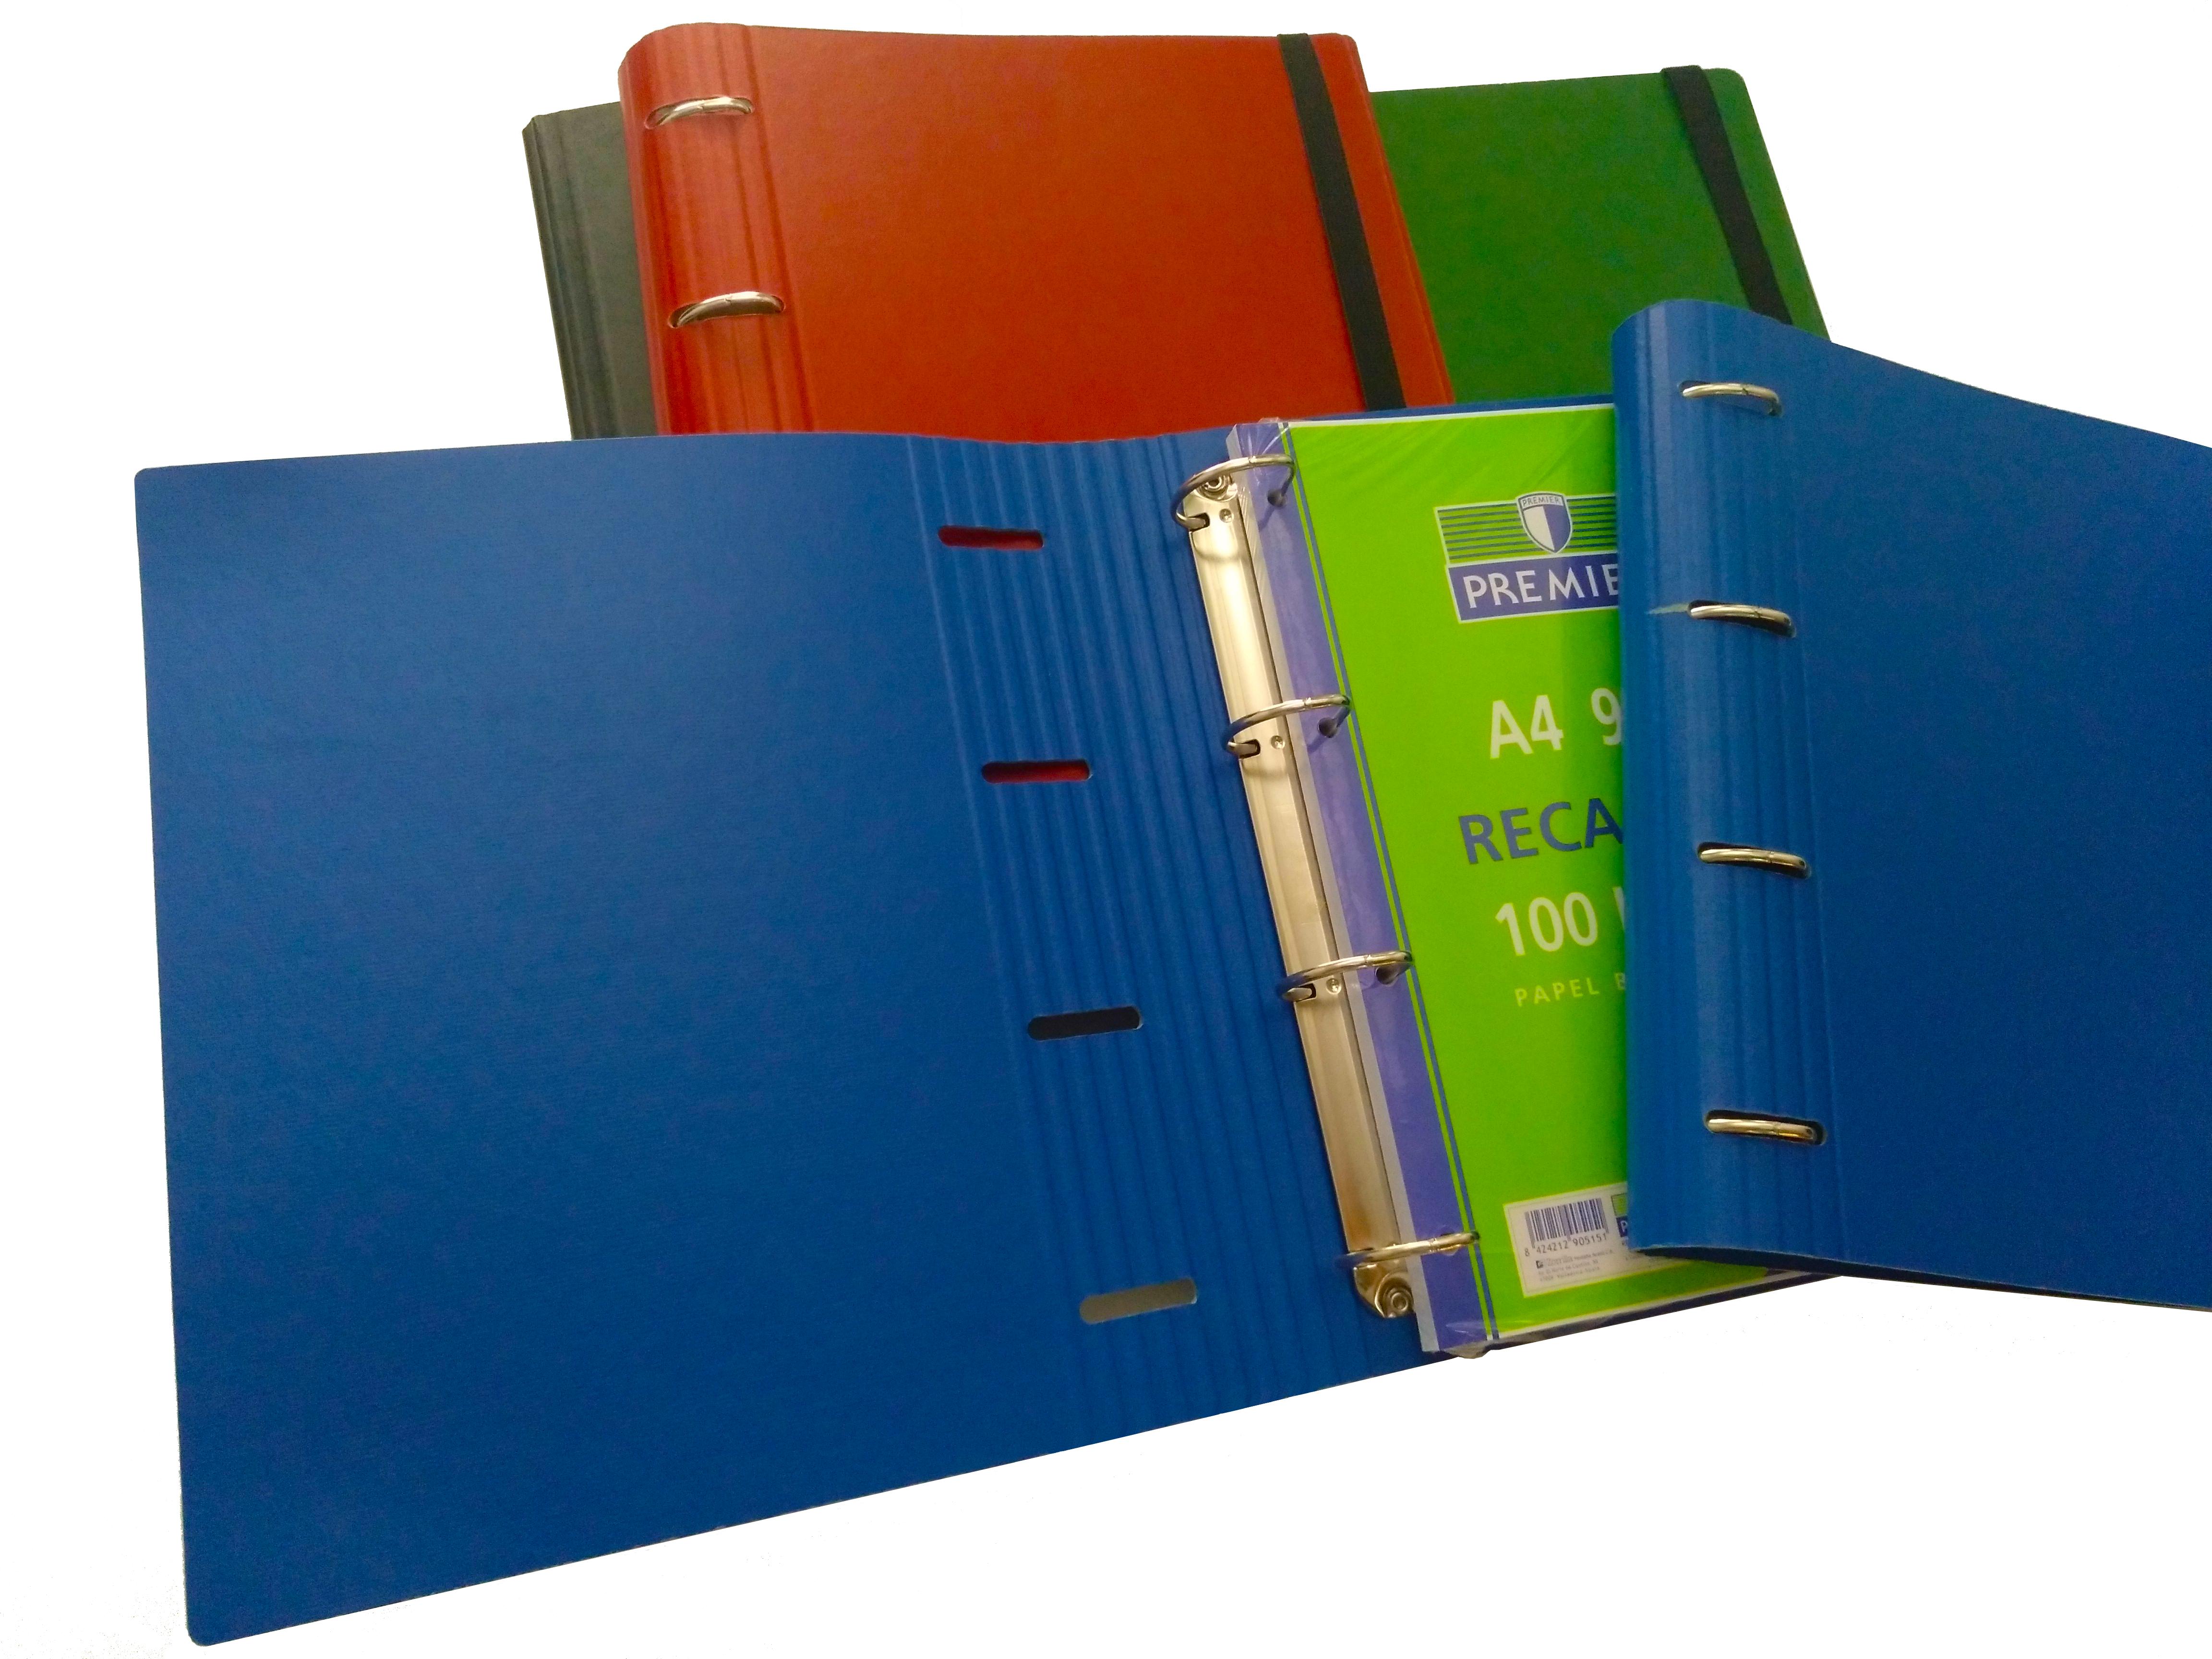 Producto: Carpebloc Cartón Compacto Recambio 100 hojas